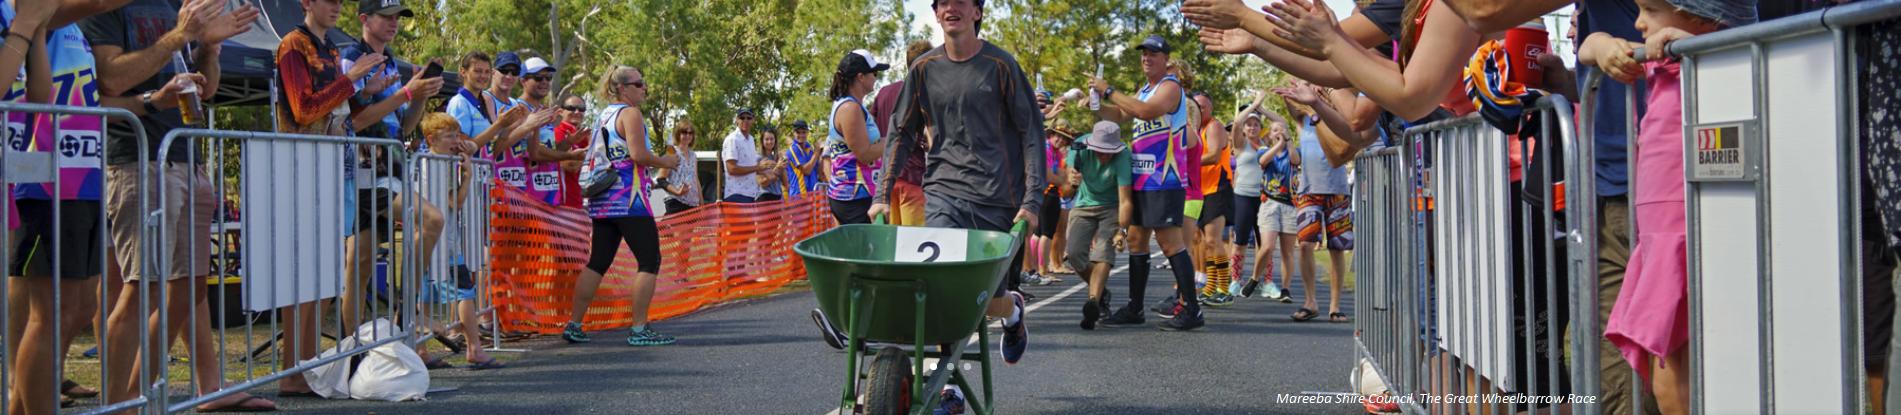 The Great Wheelbarrow Race